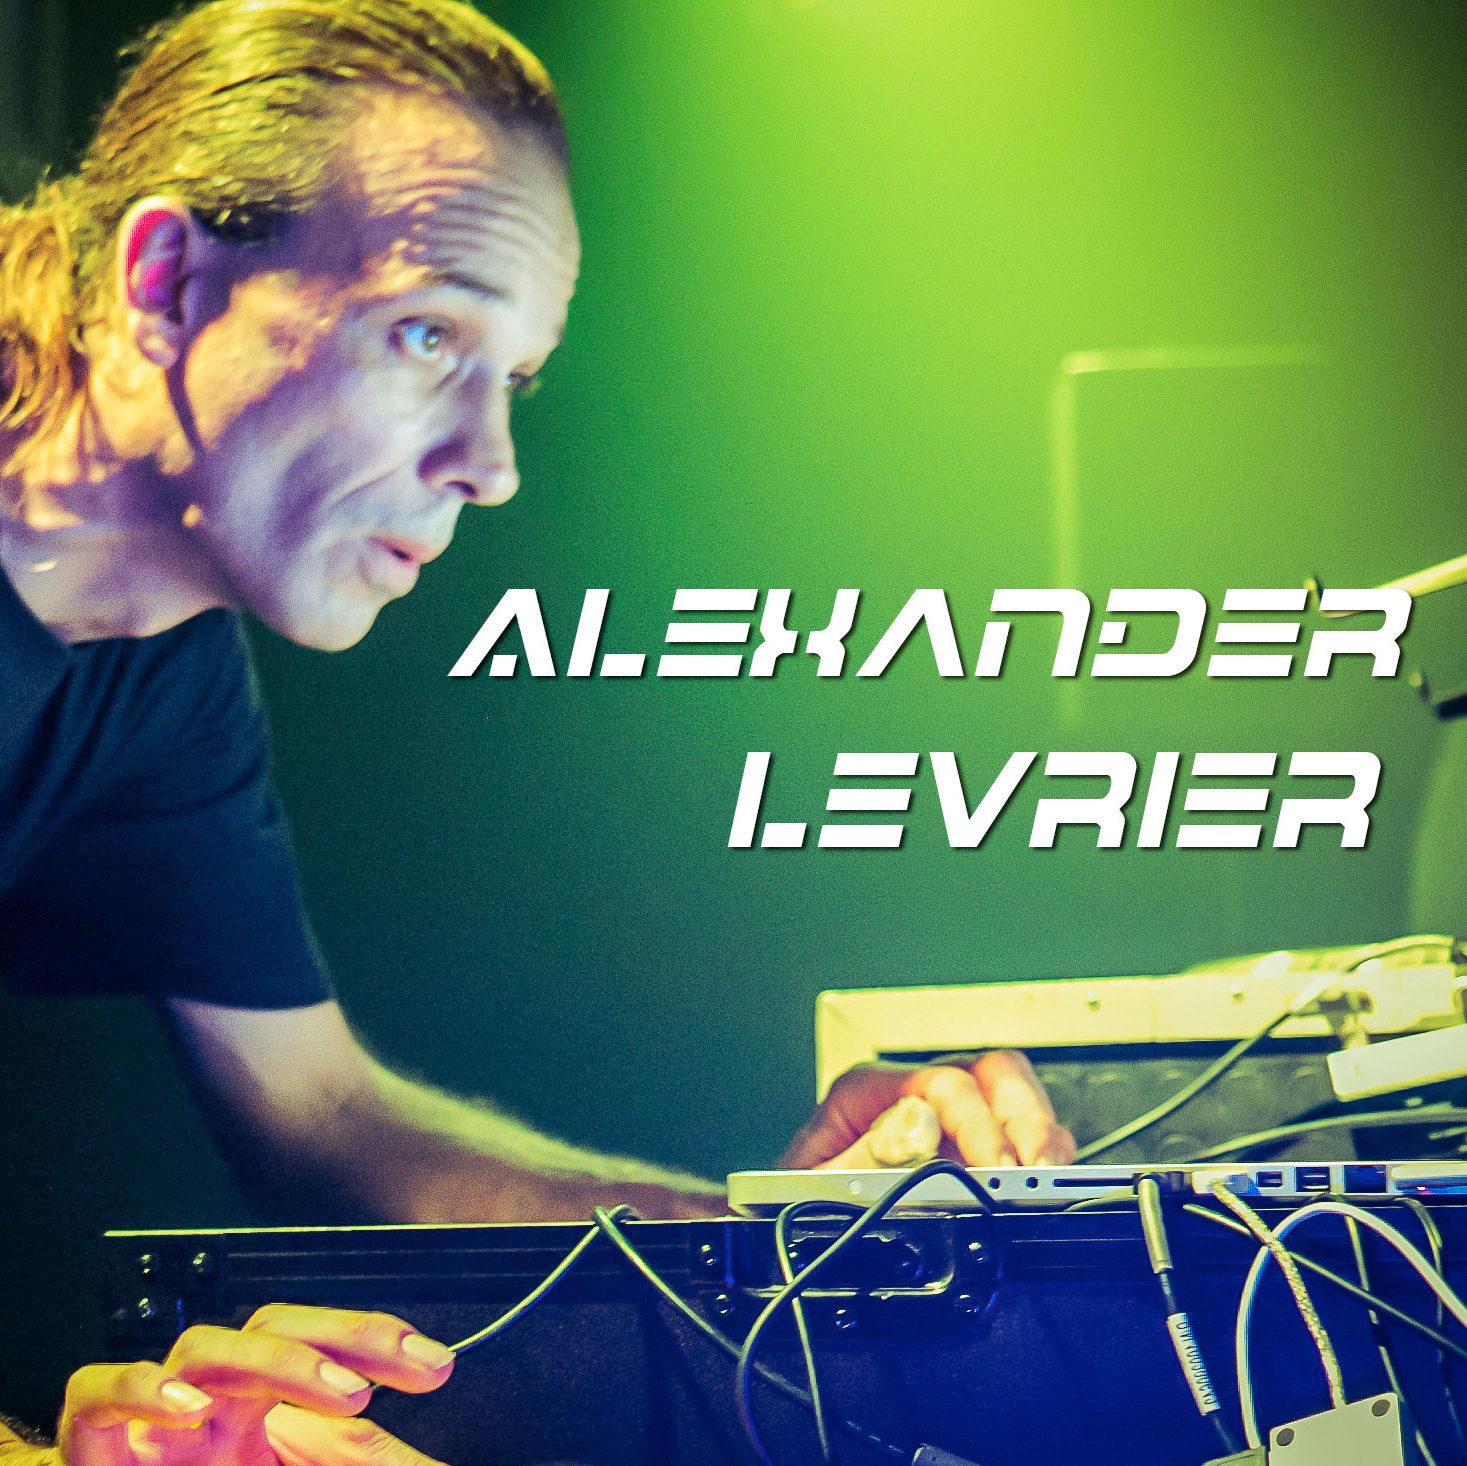 Alexander Levrier